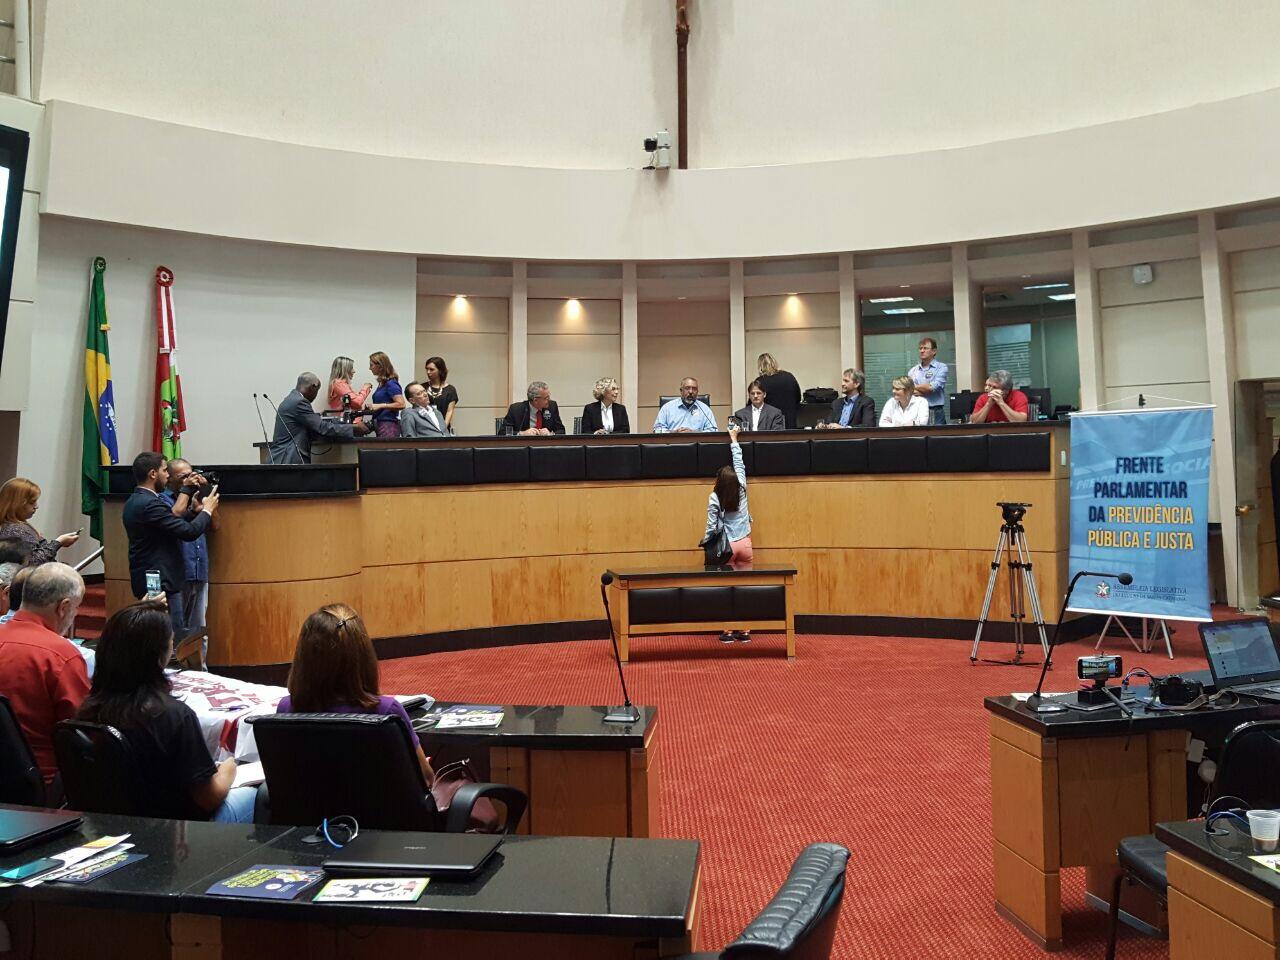 Senge participa de audiência na Alesc sobre reformas da previdência e trabalhista